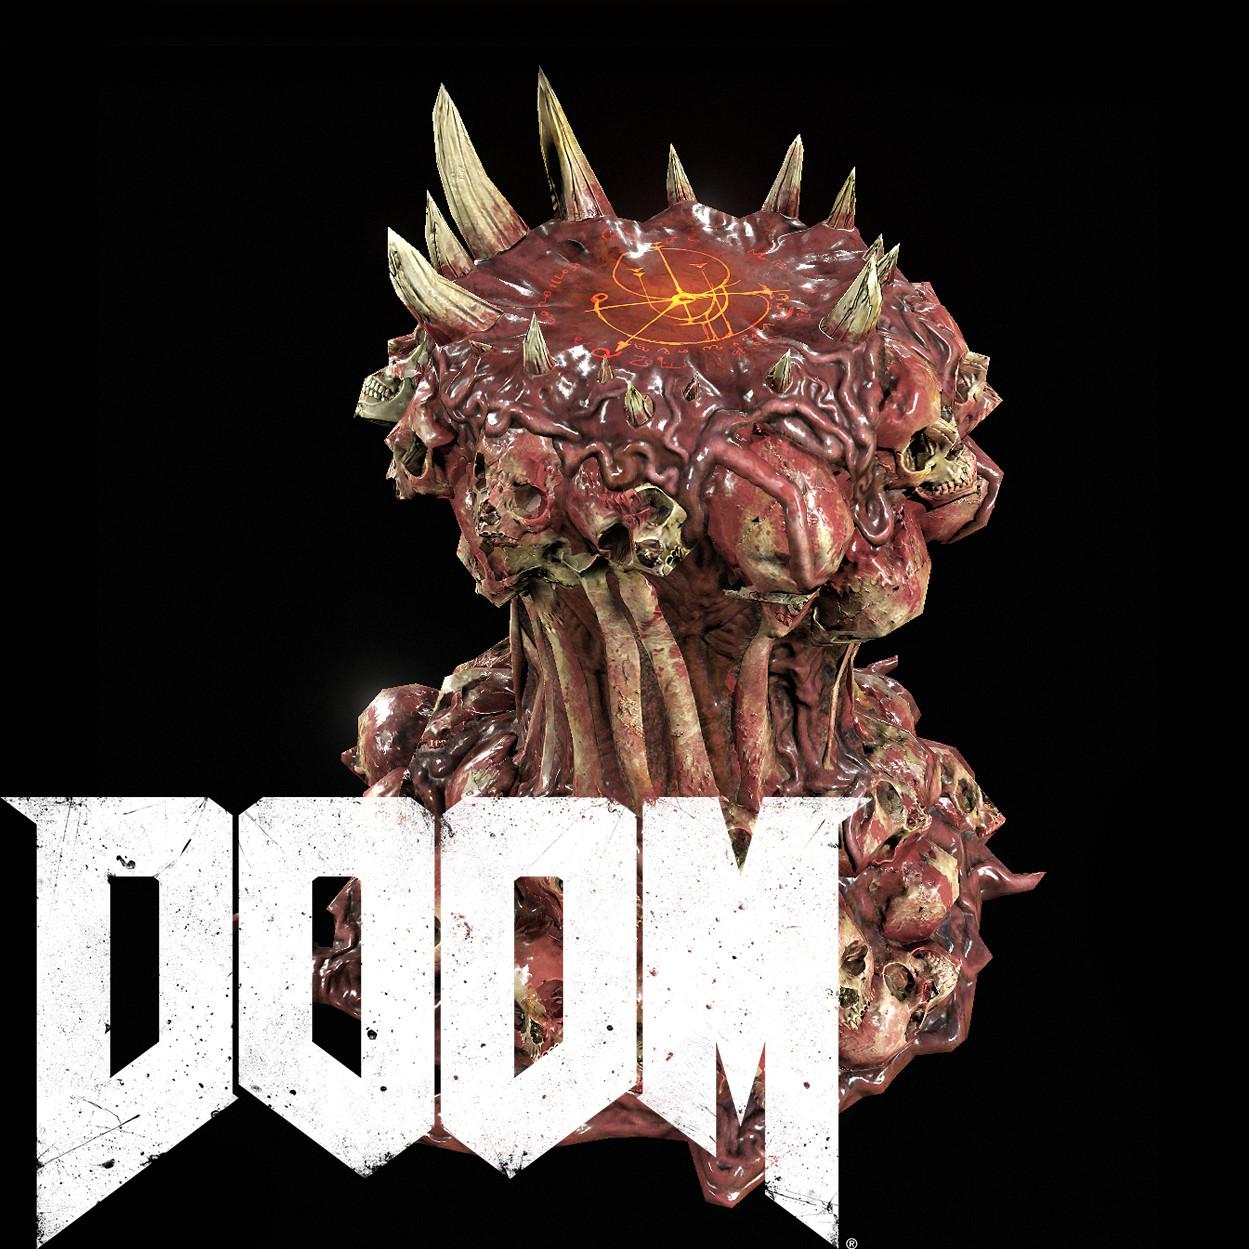 ArtStation - Doom prop, Sup Choi